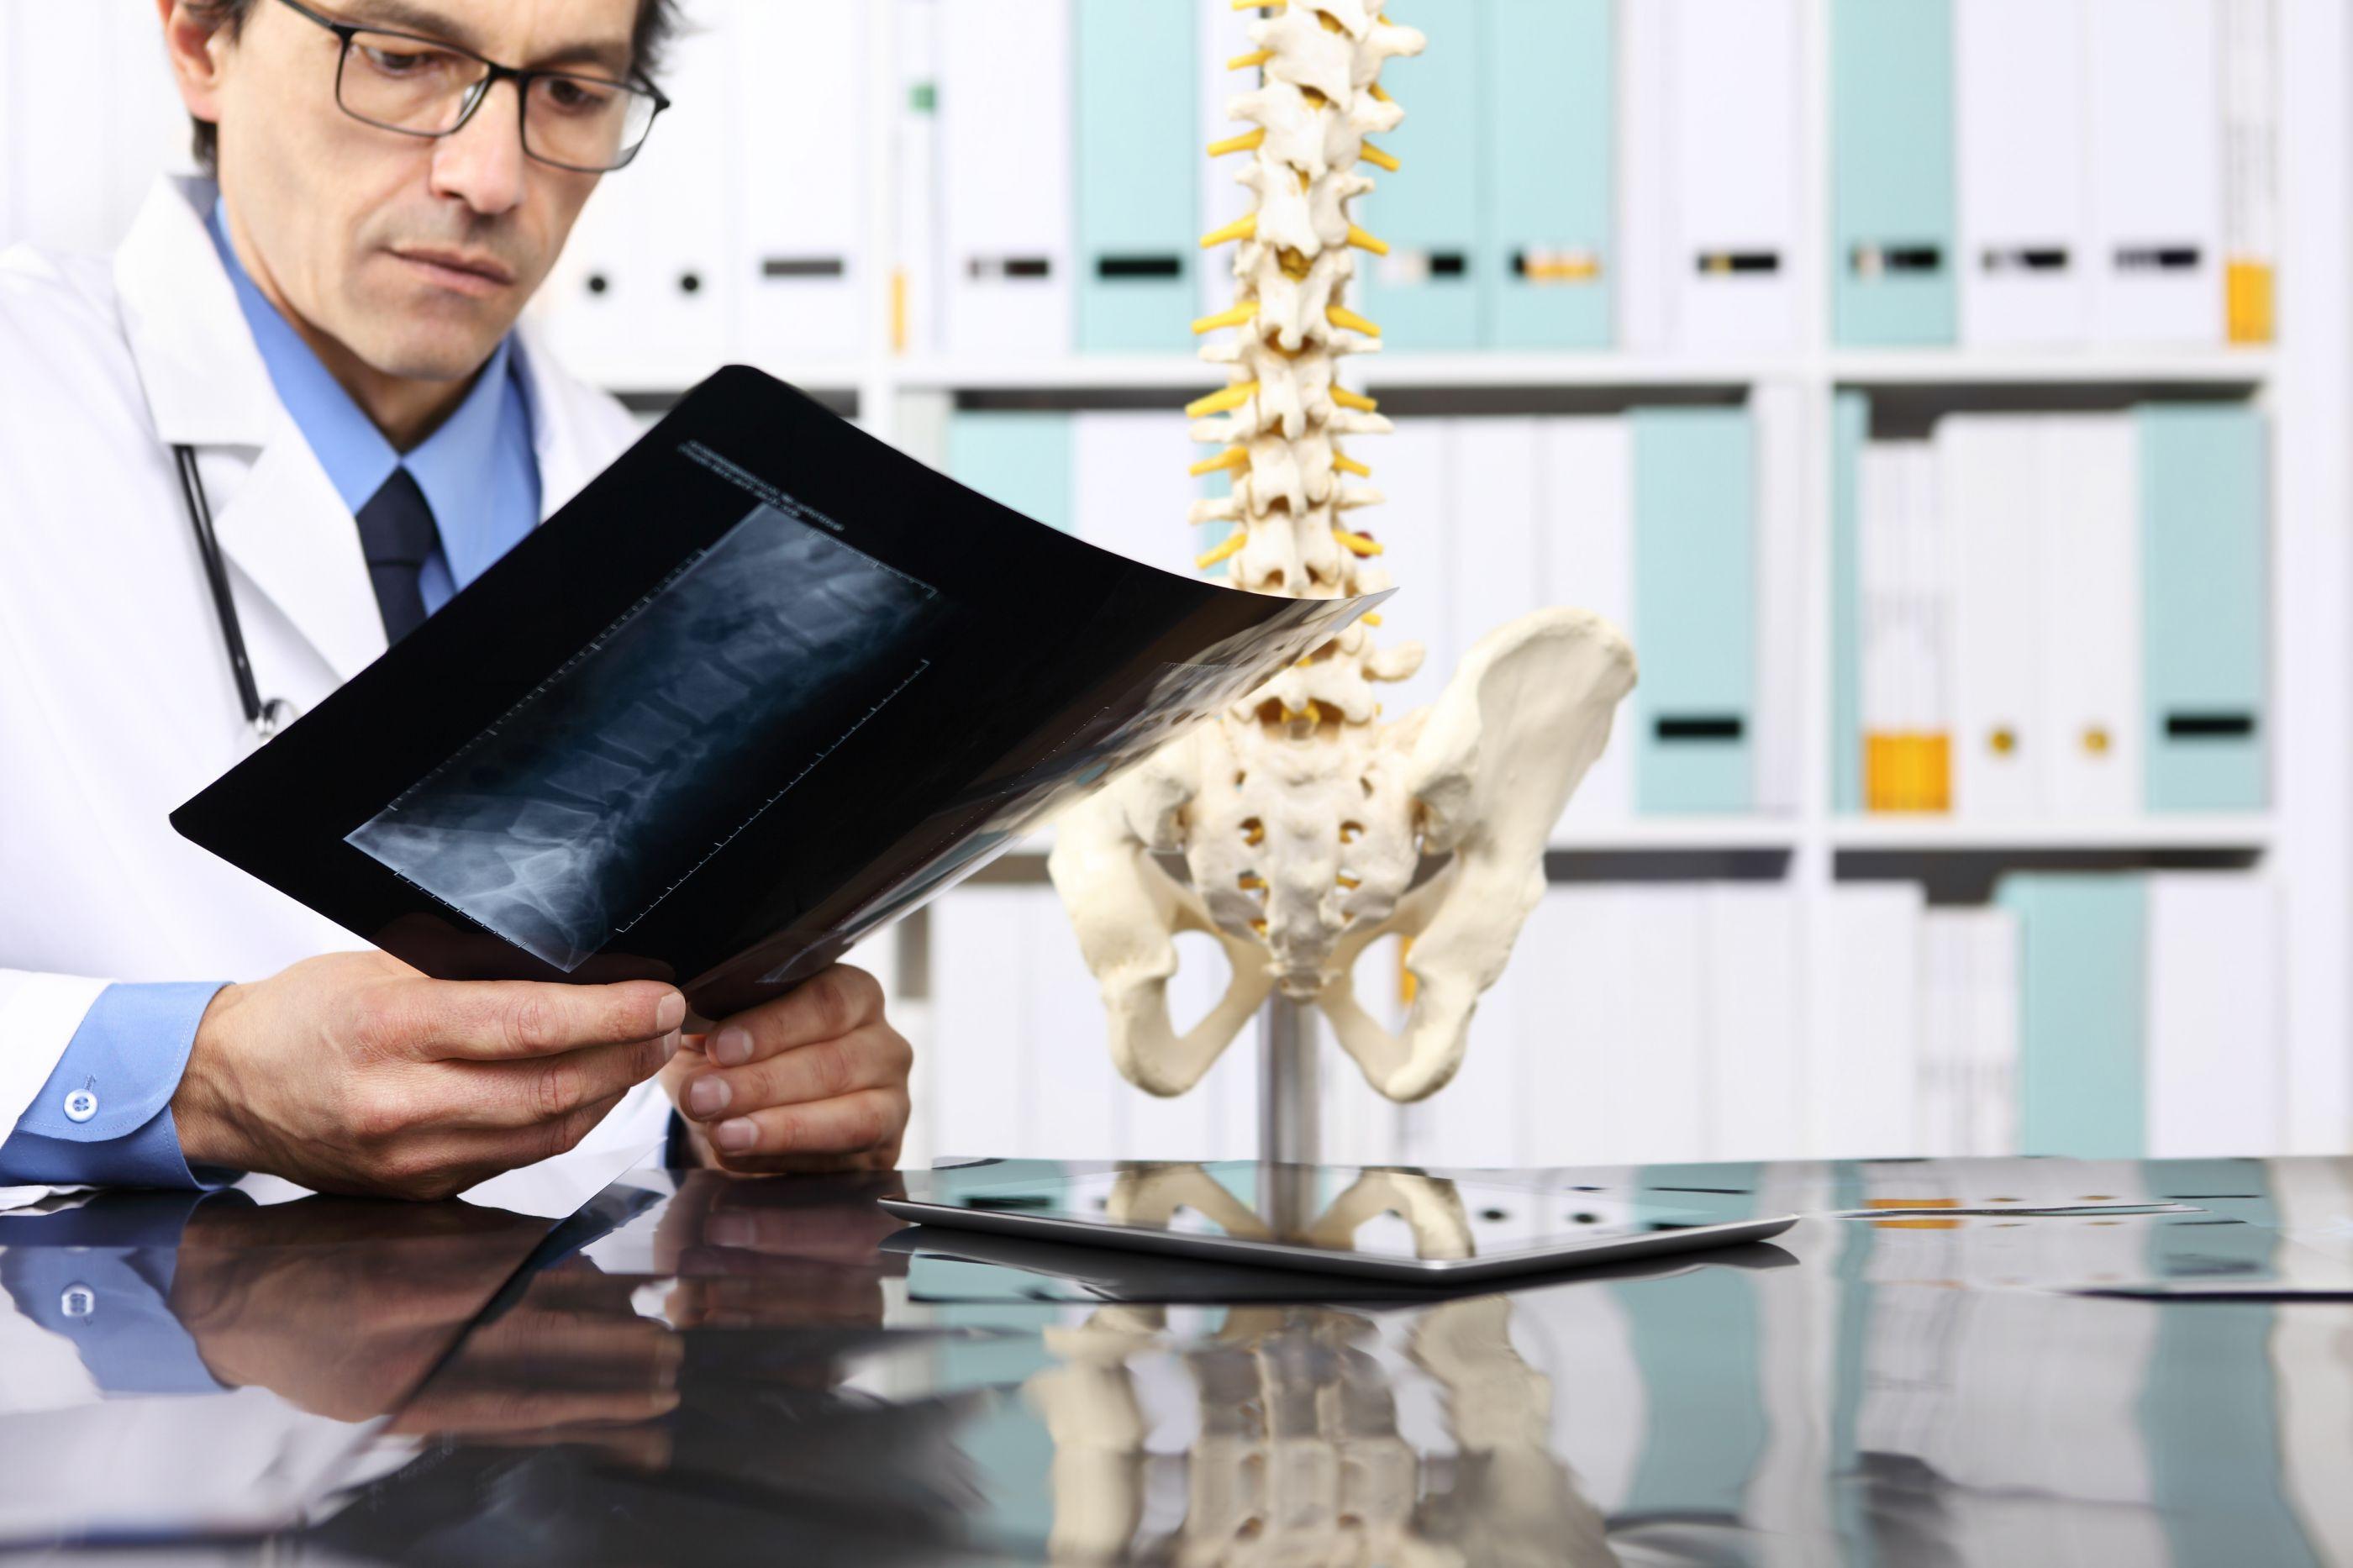 Cirurgias à coluna são mais comuns em mulheres ativas, aponta estudo